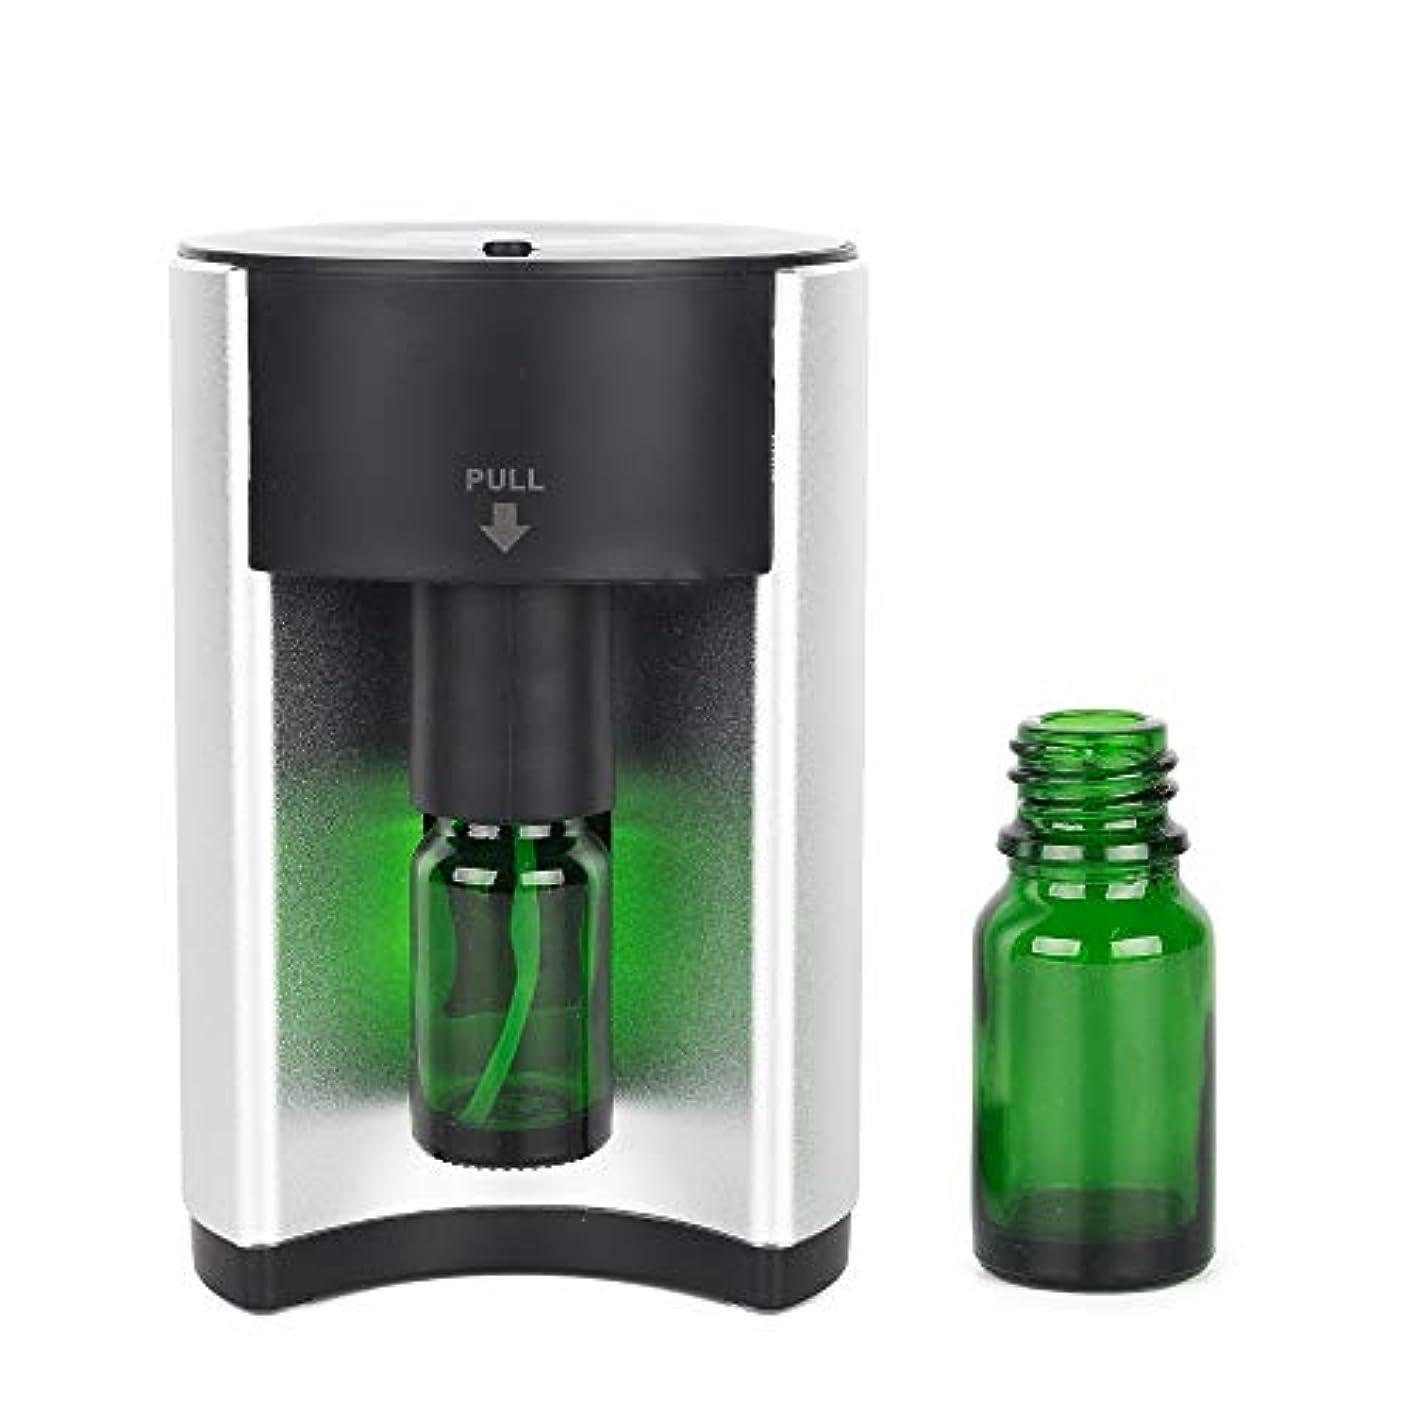 破滅的な望ましい絶えずアロマディフューザー アロマ 芳香器 (GT-SH-S1)アロマオイル ネブライザー式 アロマポット usb コンセント 小型 香り おしゃれ 可愛い シンプル 軽量 卓上 シンプル スマート 水を使わない オイル別売り